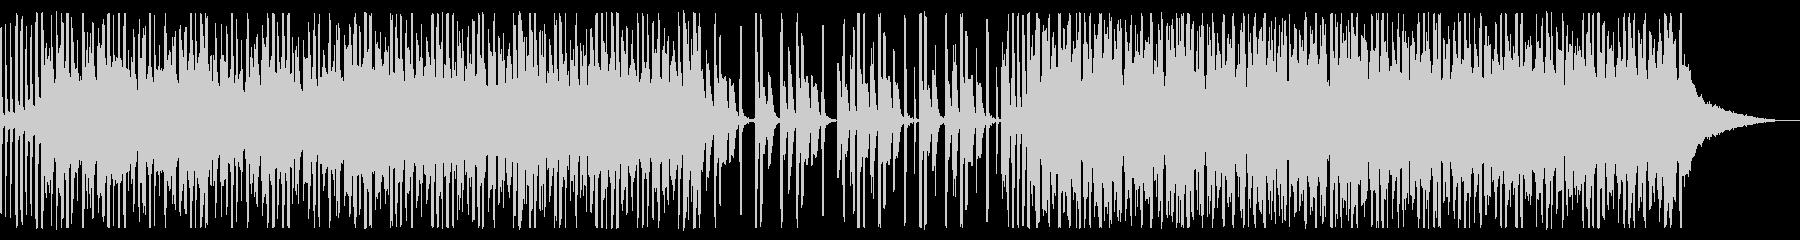 未来を感じる80年代エレクトロ_2の未再生の波形